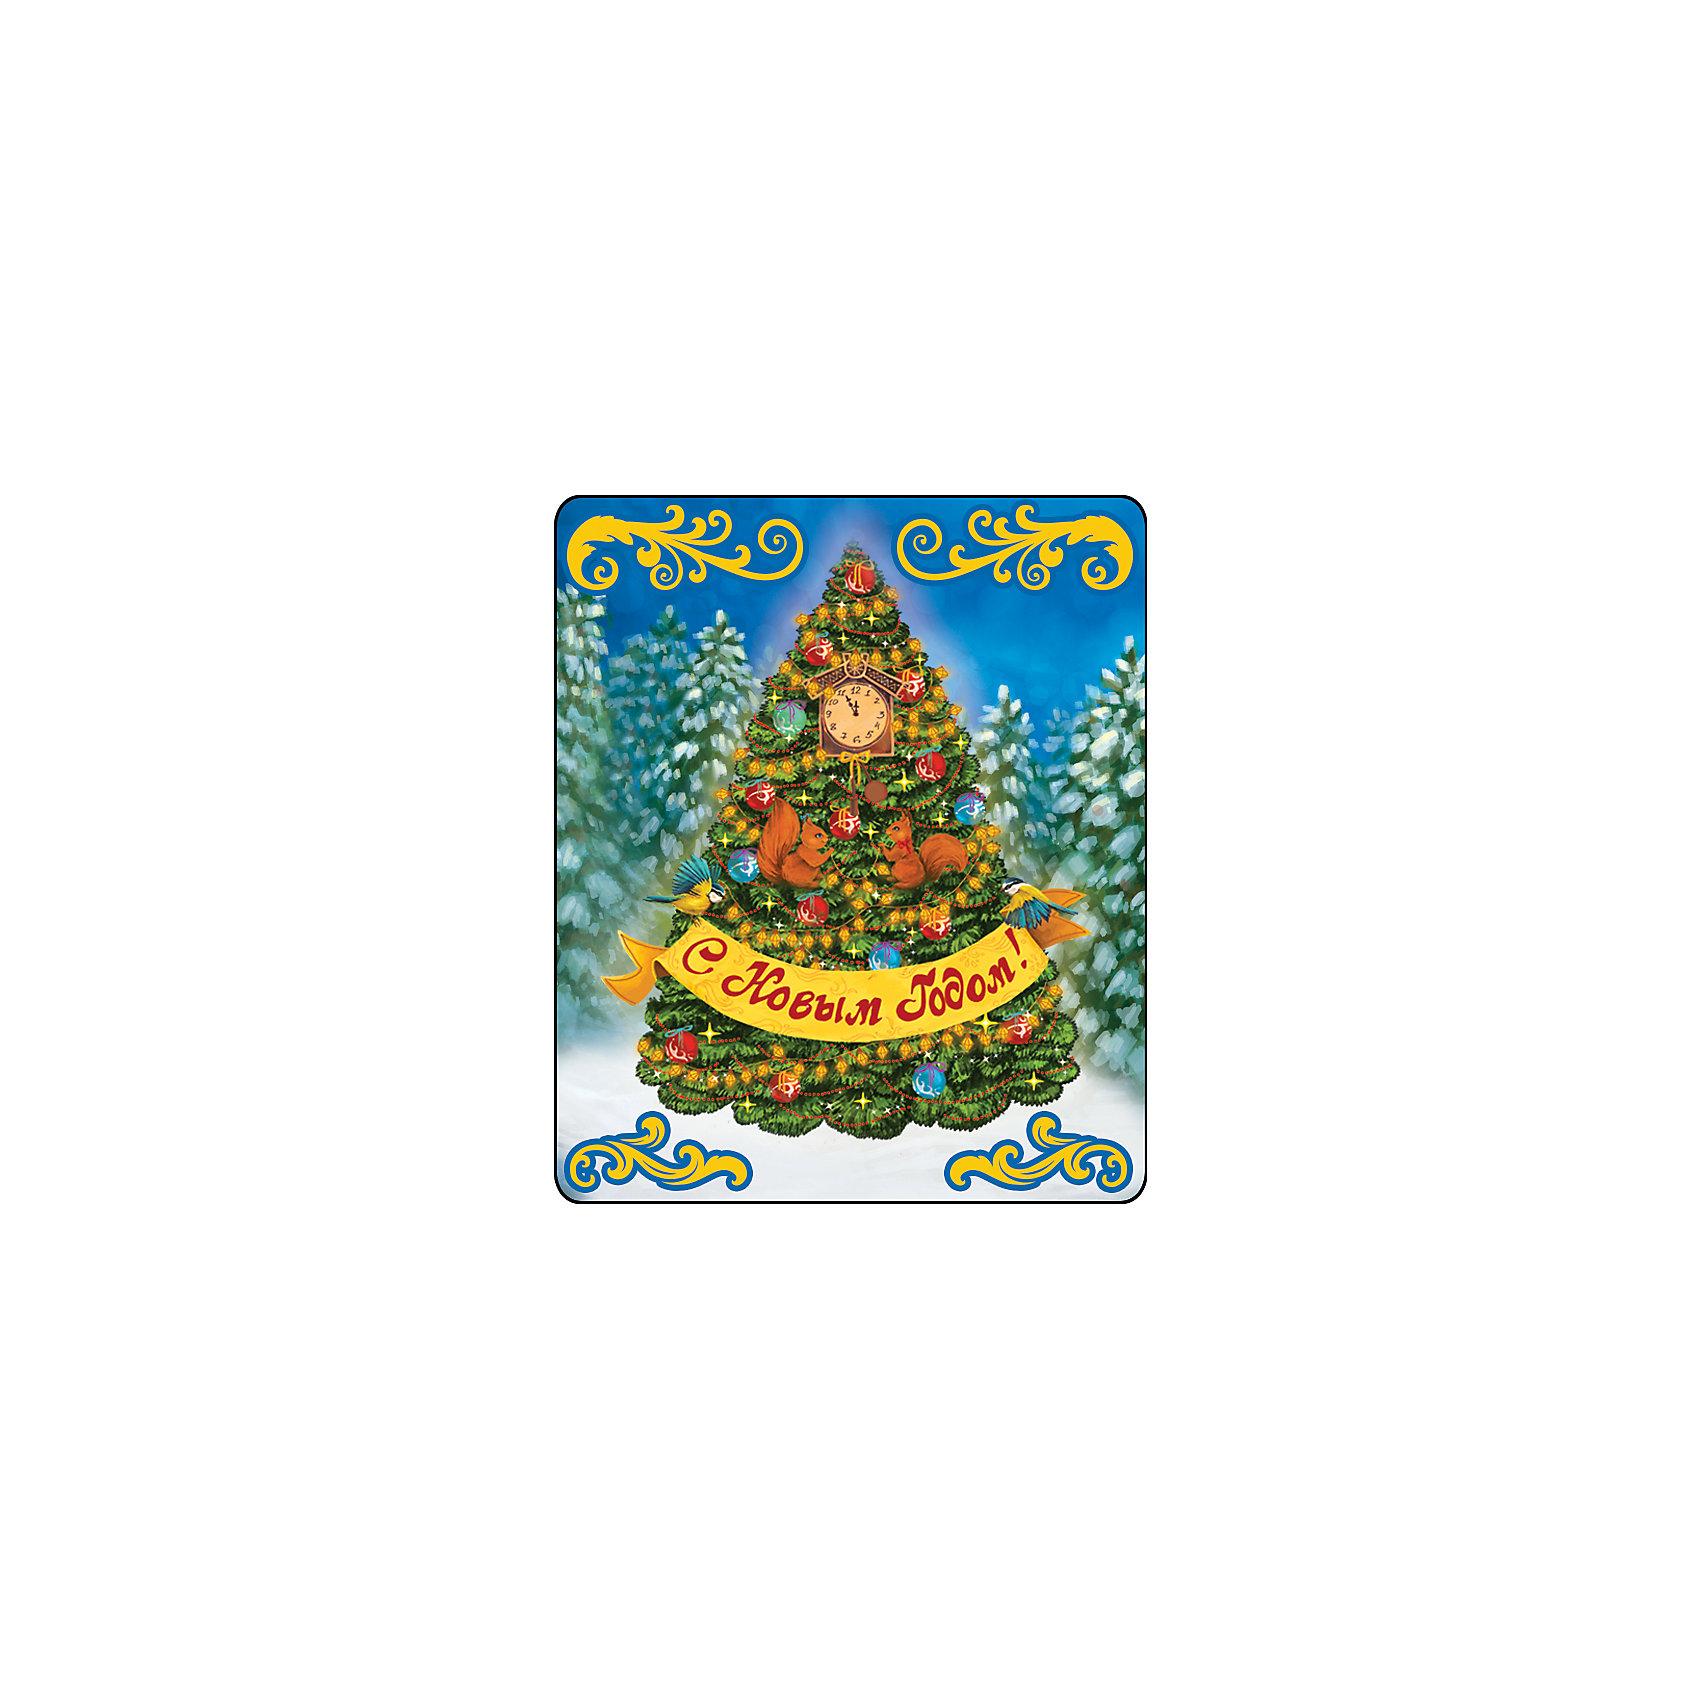 Магнит Ёлка в золотых узорахЯркий магнит с новогодней символикой - прекрасный вариант для праздничного сувенира. Магнит можно прикрепить на любую металлическую поверхность, он всегда будет радовать, напоминая о веселом и таком долгожданном для всех празднике! <br><br>Дополнительная информация:<br><br>- Материал: агломерированный феррит. <br>- Размер: 5х6 см.<br>- Яркий привлекательный дизайн. <br><br>Новогодний магнит Ёлка в золотых узорах можно купить в нашем магазине.<br><br>Ширина мм: 100<br>Глубина мм: 100<br>Высота мм: 10<br>Вес г: 260<br>Возраст от месяцев: 36<br>Возраст до месяцев: 2147483647<br>Пол: Унисекс<br>Возраст: Детский<br>SKU: 4981320